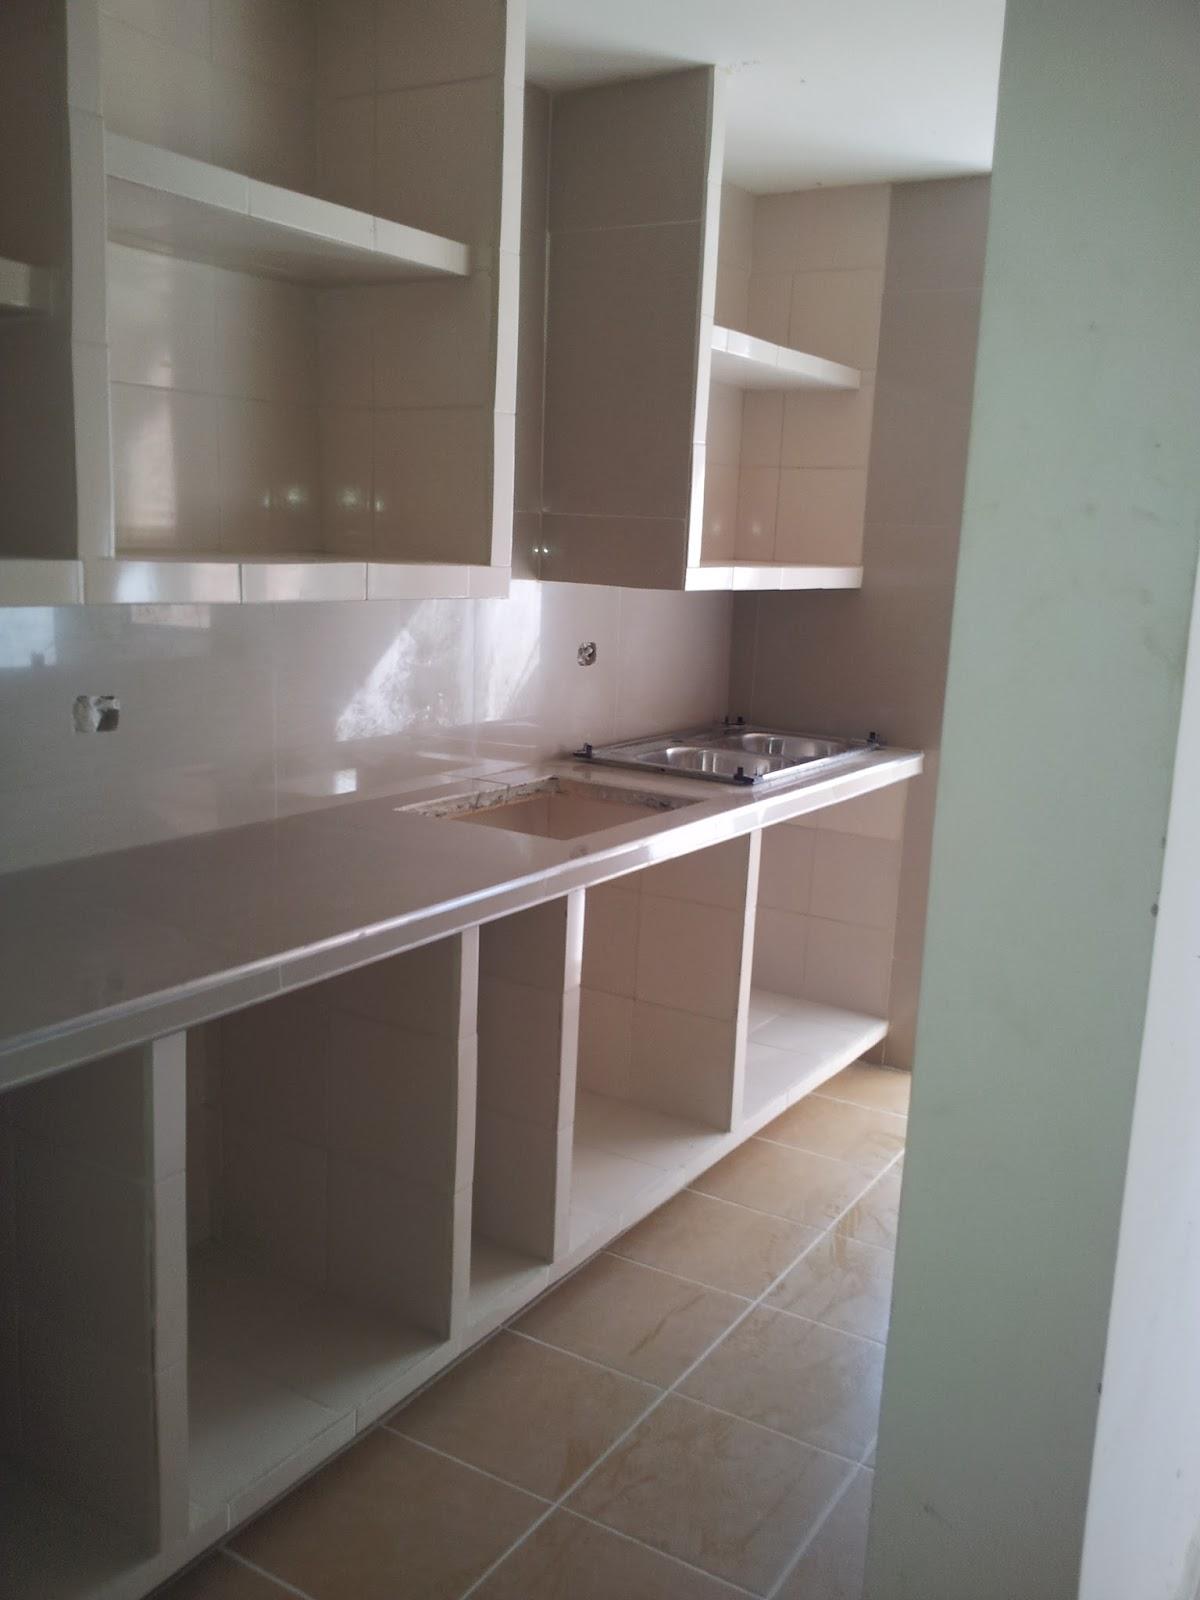 Construcciones y asesor a fly cocinas en remodelaci n for Gabinetes en cemento